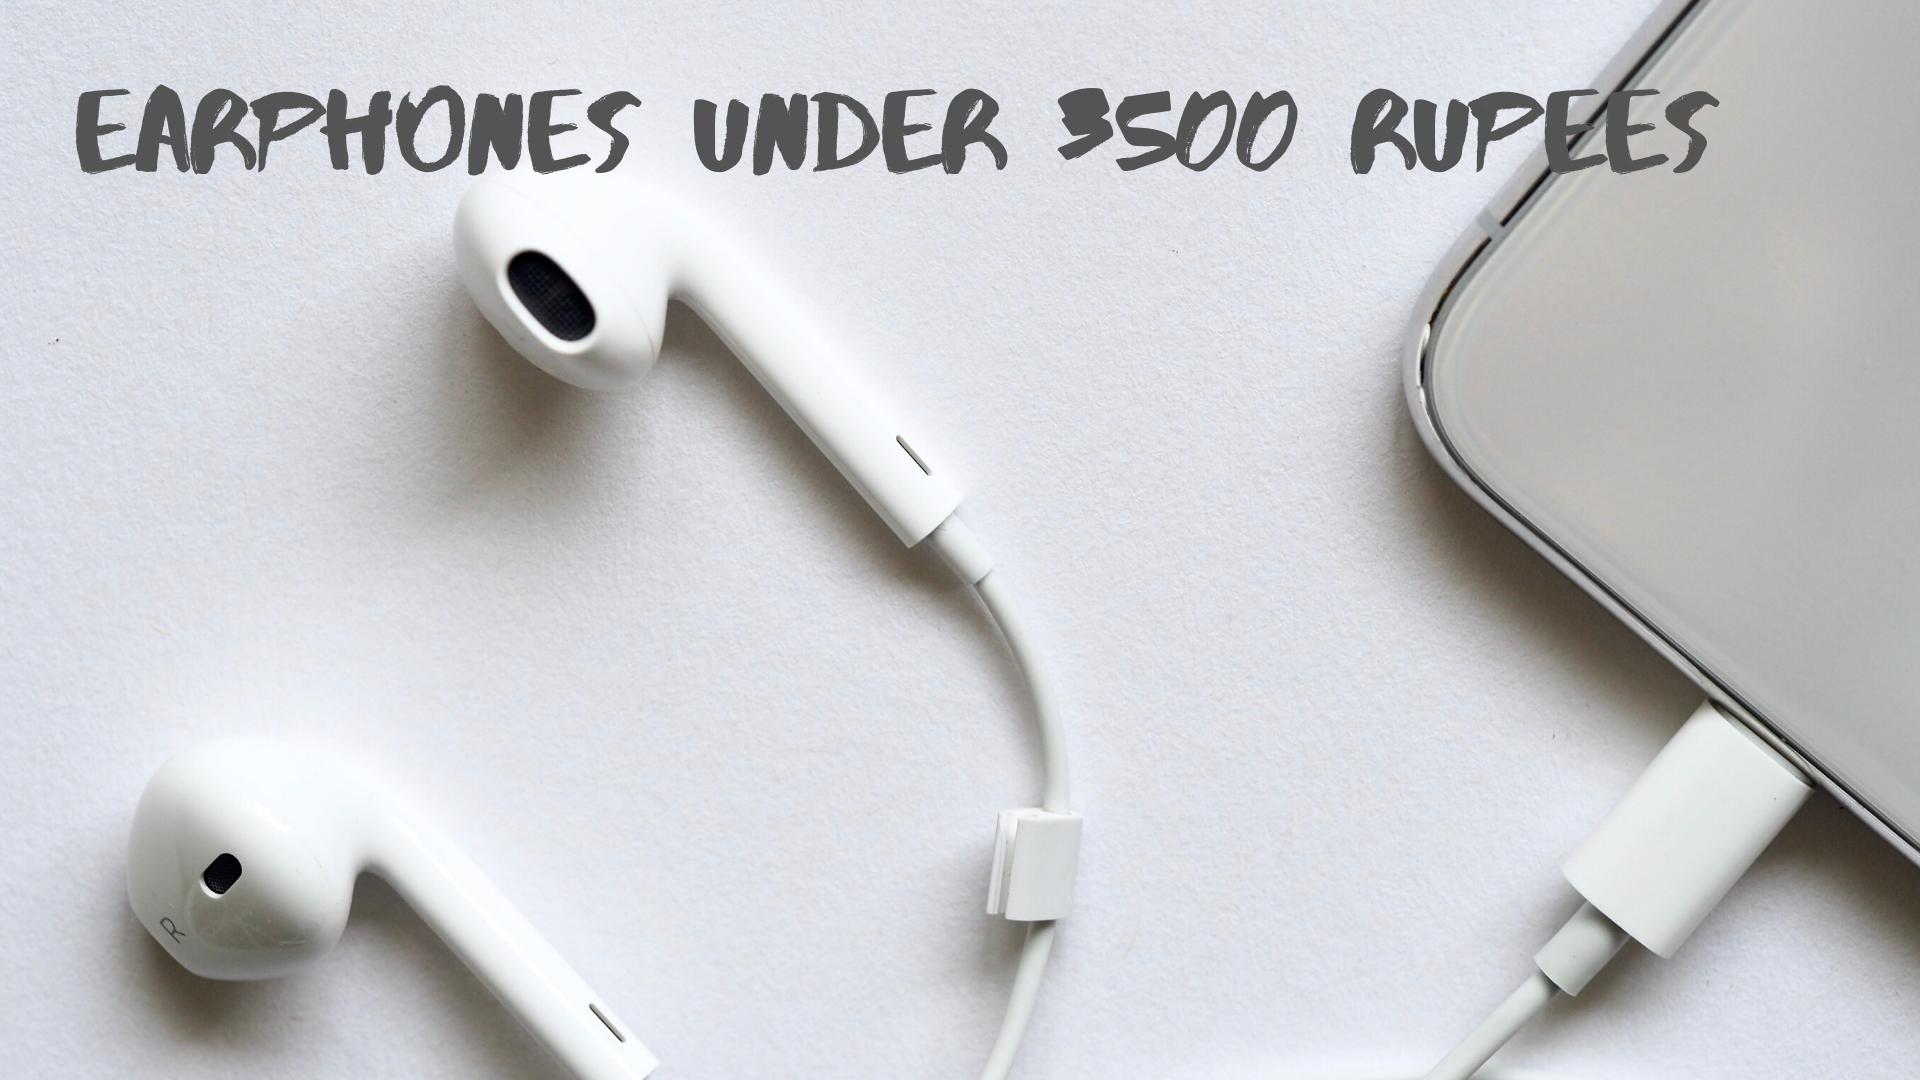 15 Best Earphones Under Rupees 3500 To Buy In India 2020